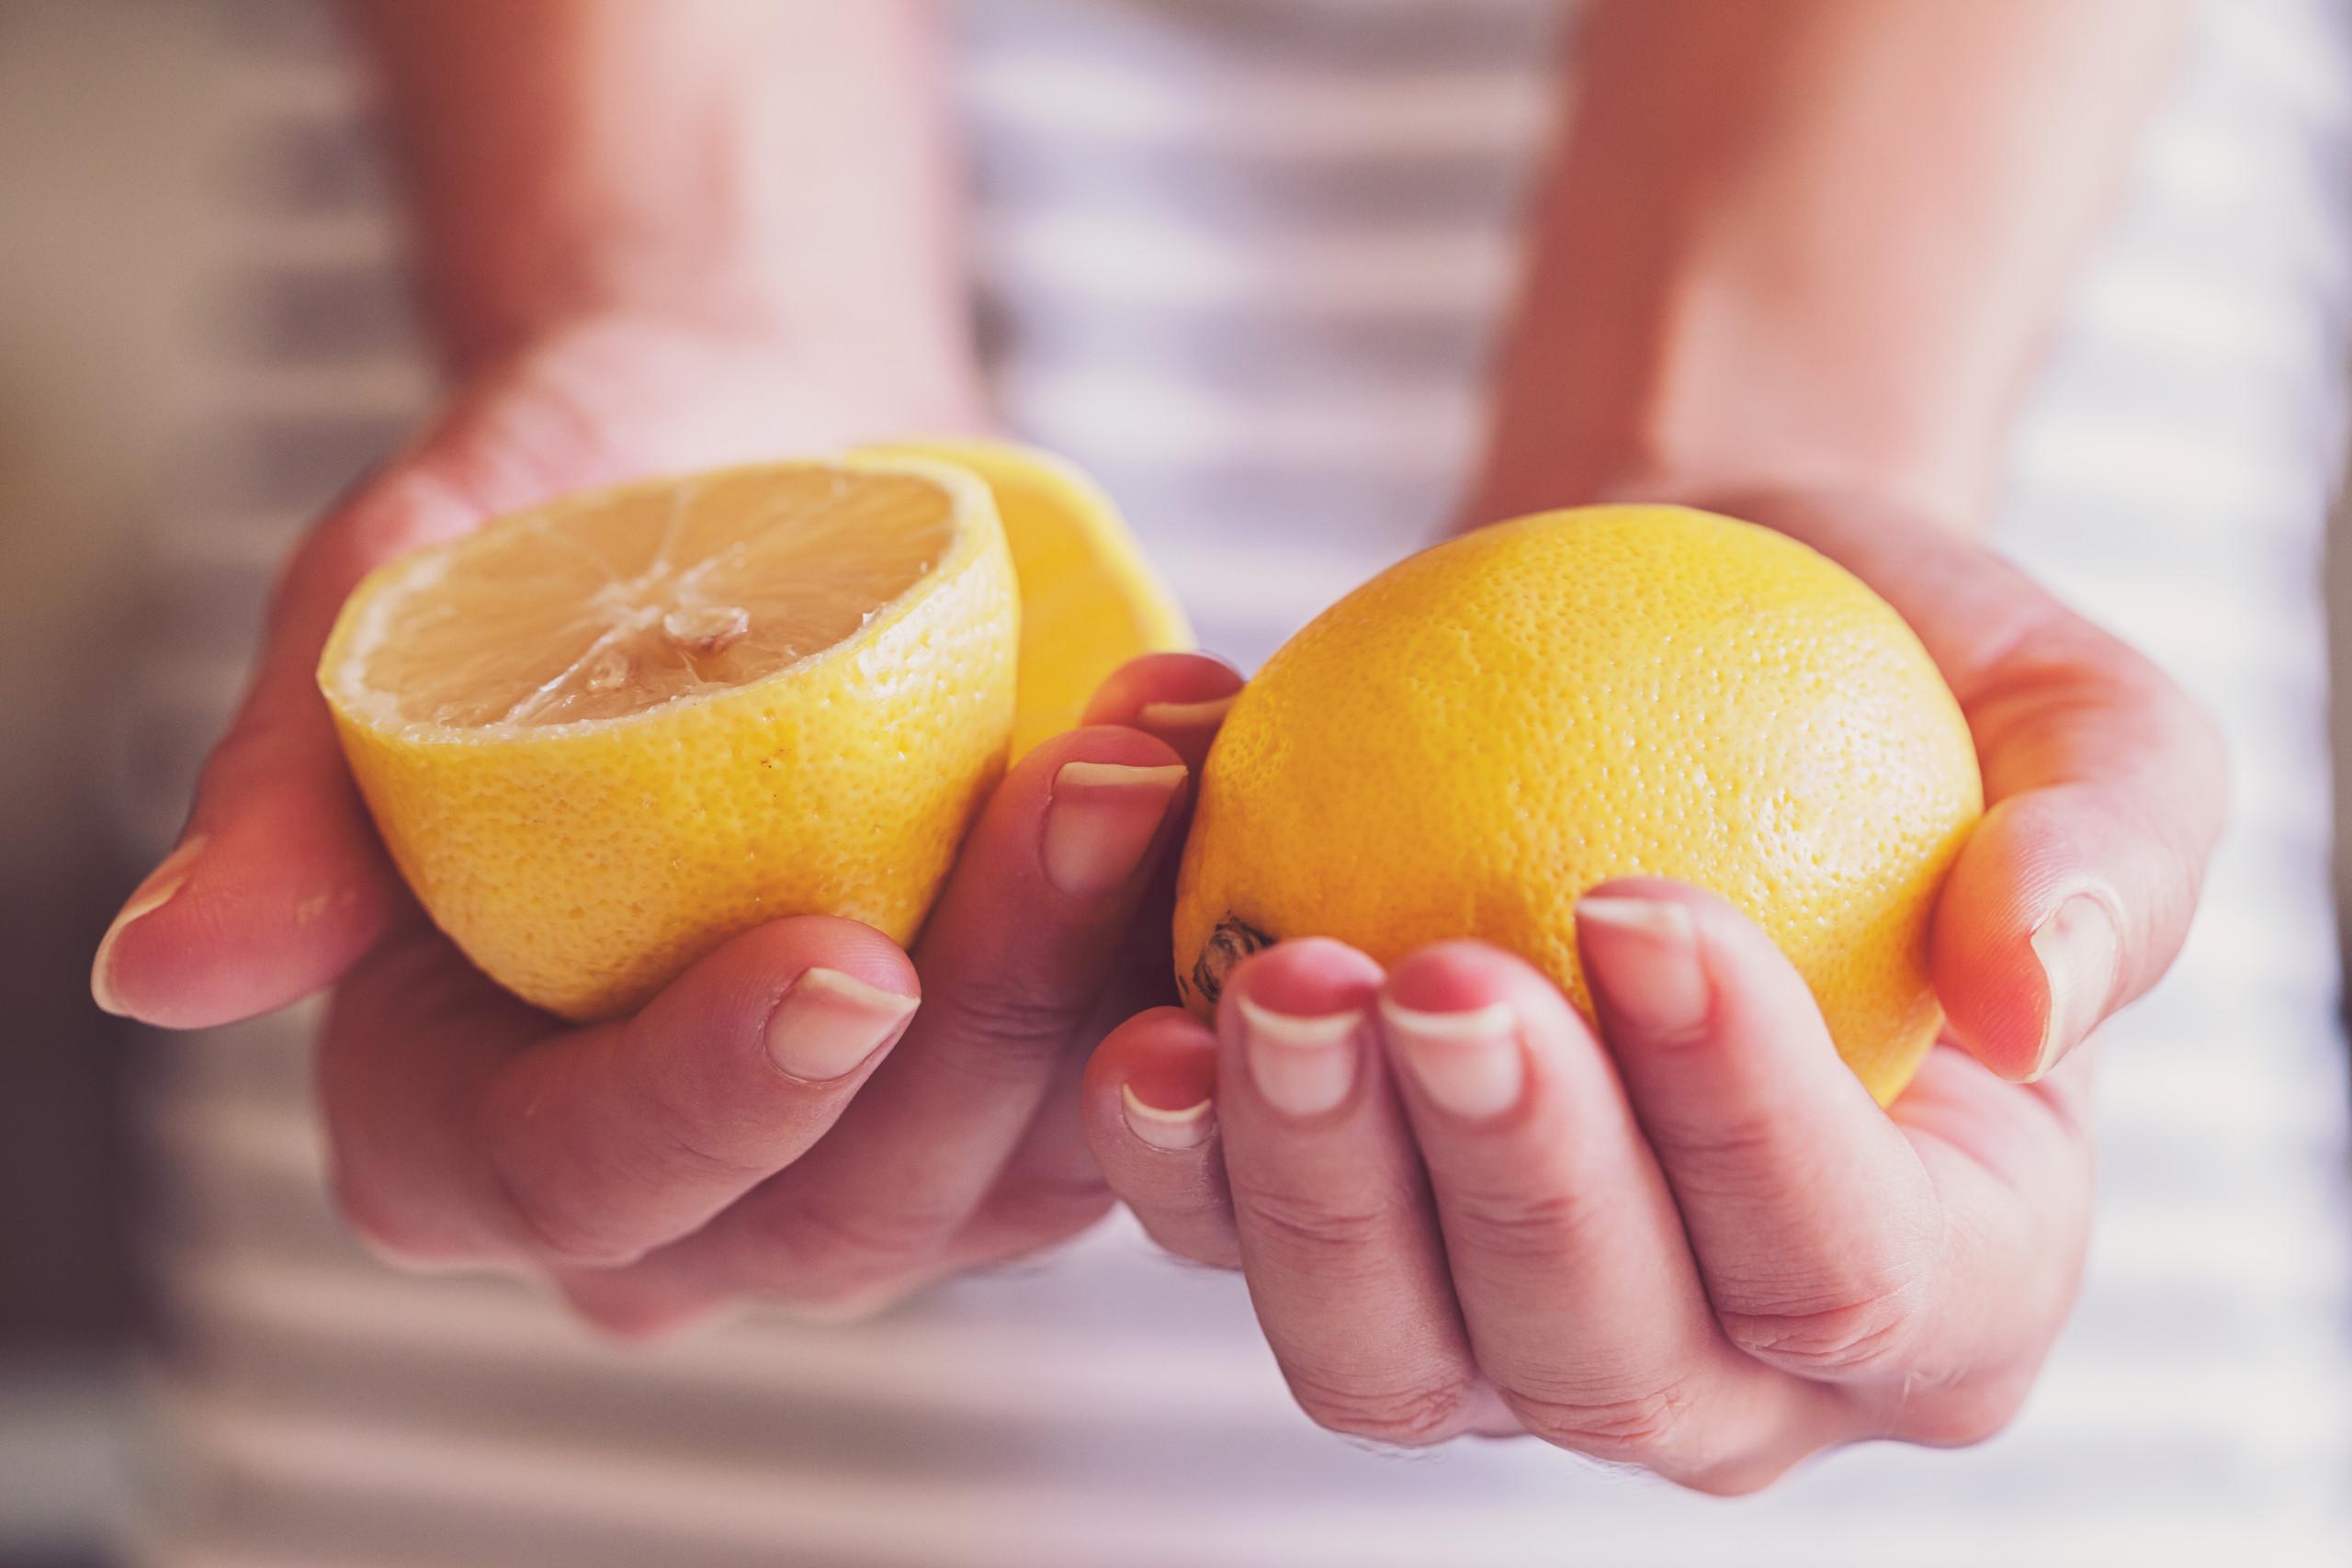 e4dade44-524c-44bd-b6d0-2becf741c0f9 Limonun Faydaları Nelerdir ve Limon Diyeti Nasıl Yapılır?